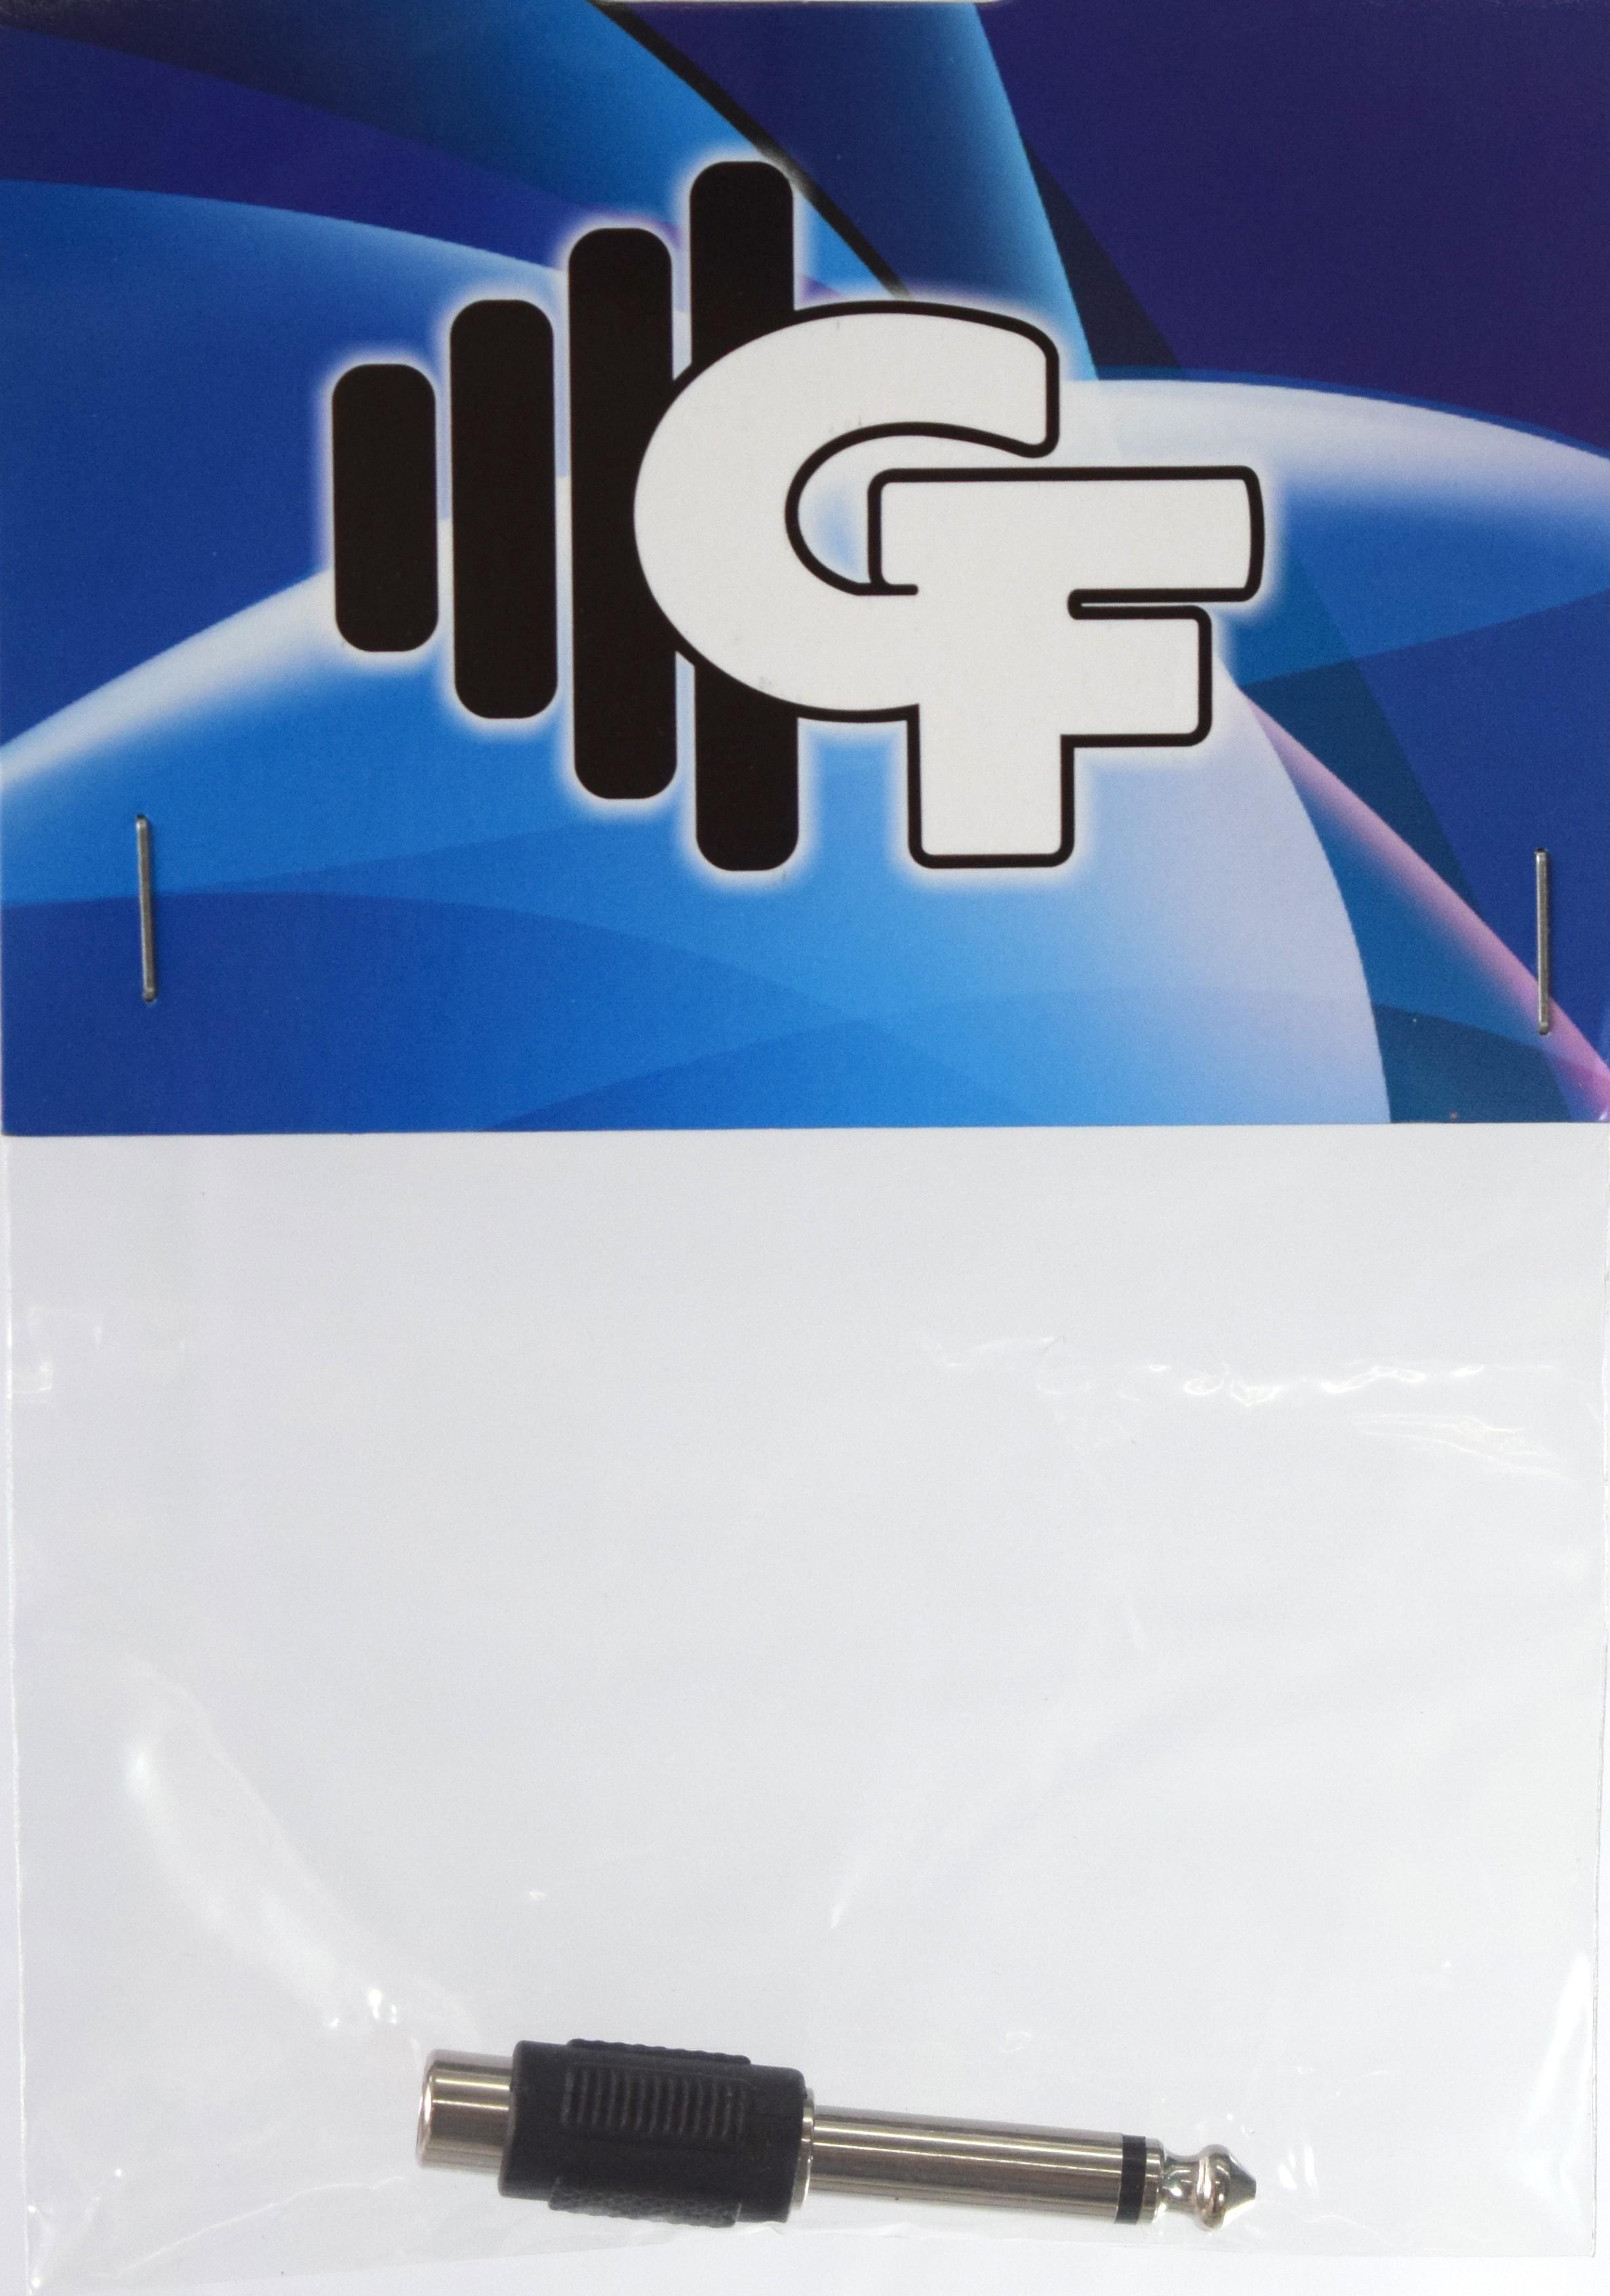 GRF CONNECTOR TRANSFORMER - RCA FEMALE X 1/4 MALE MONO